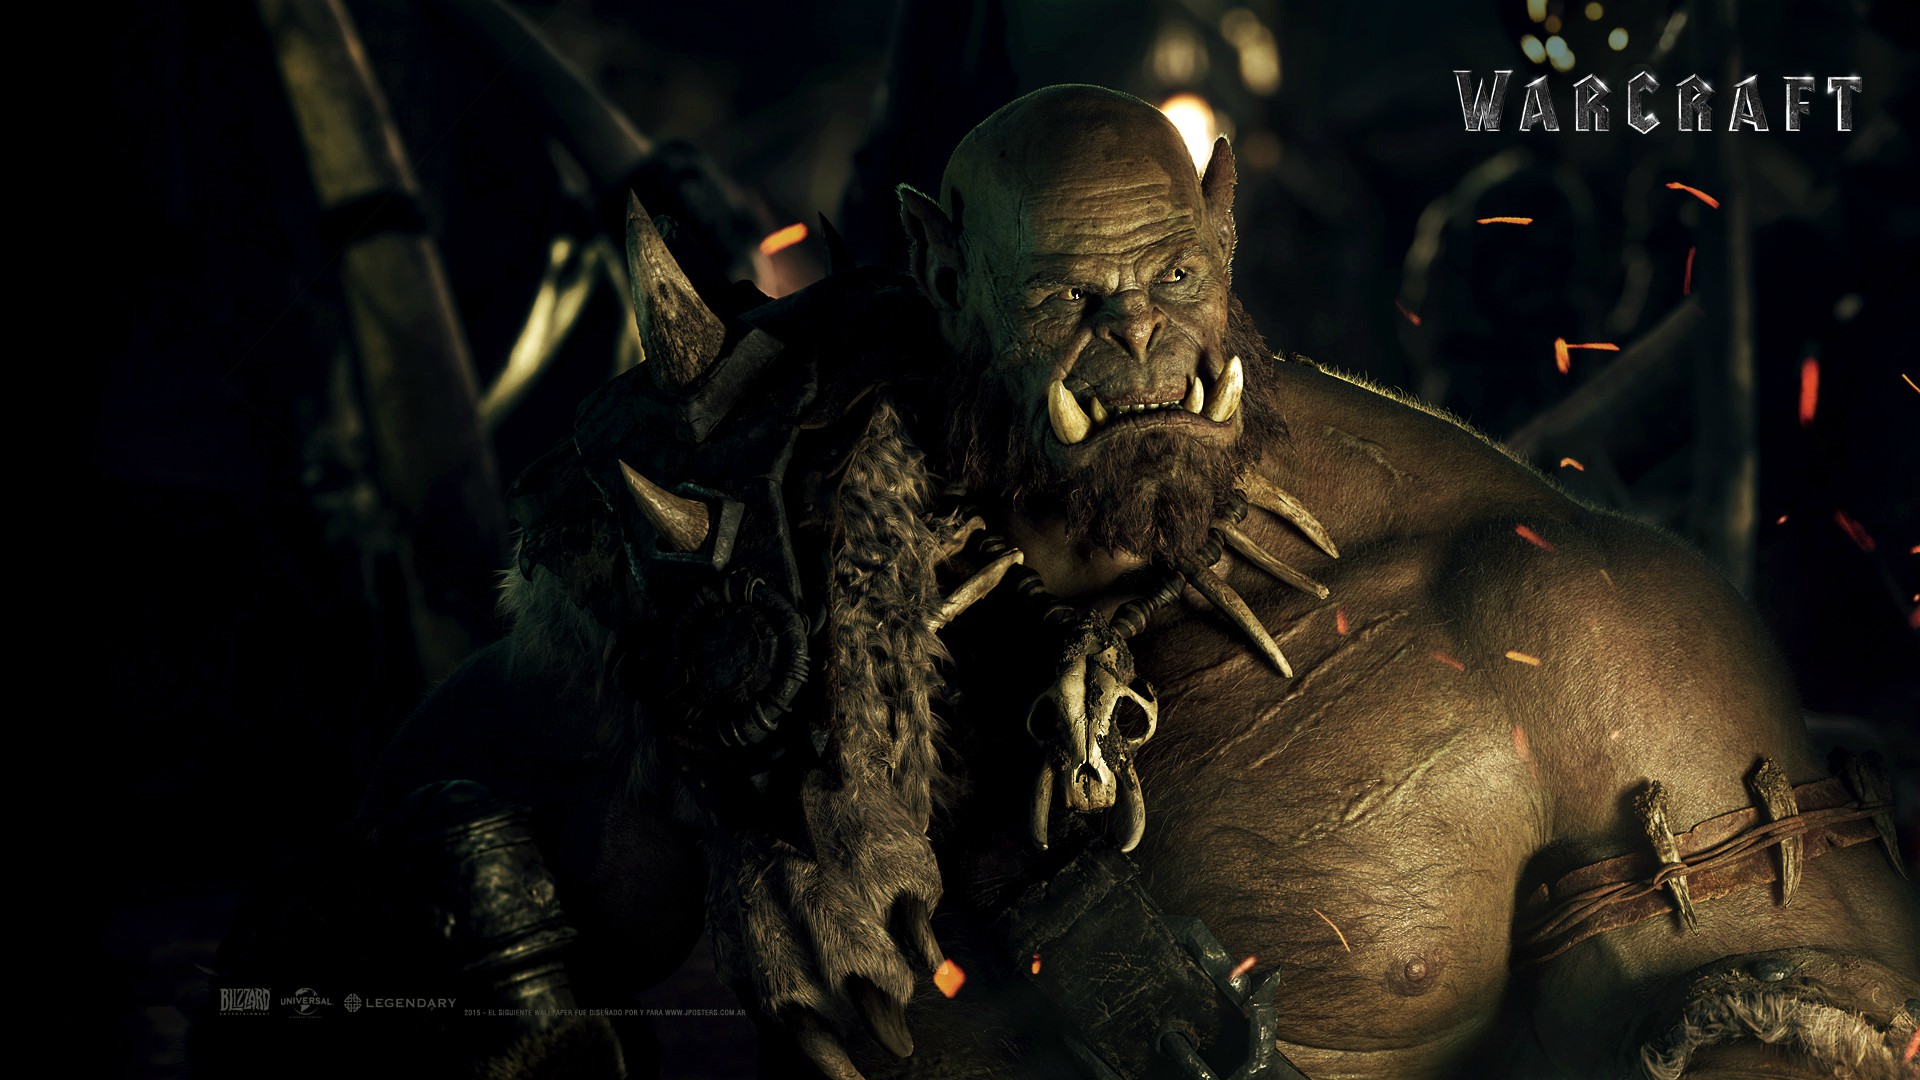 电脑壁纸 | 影视壁纸-魔兽Warcraft-2  高清壁纸 第12张